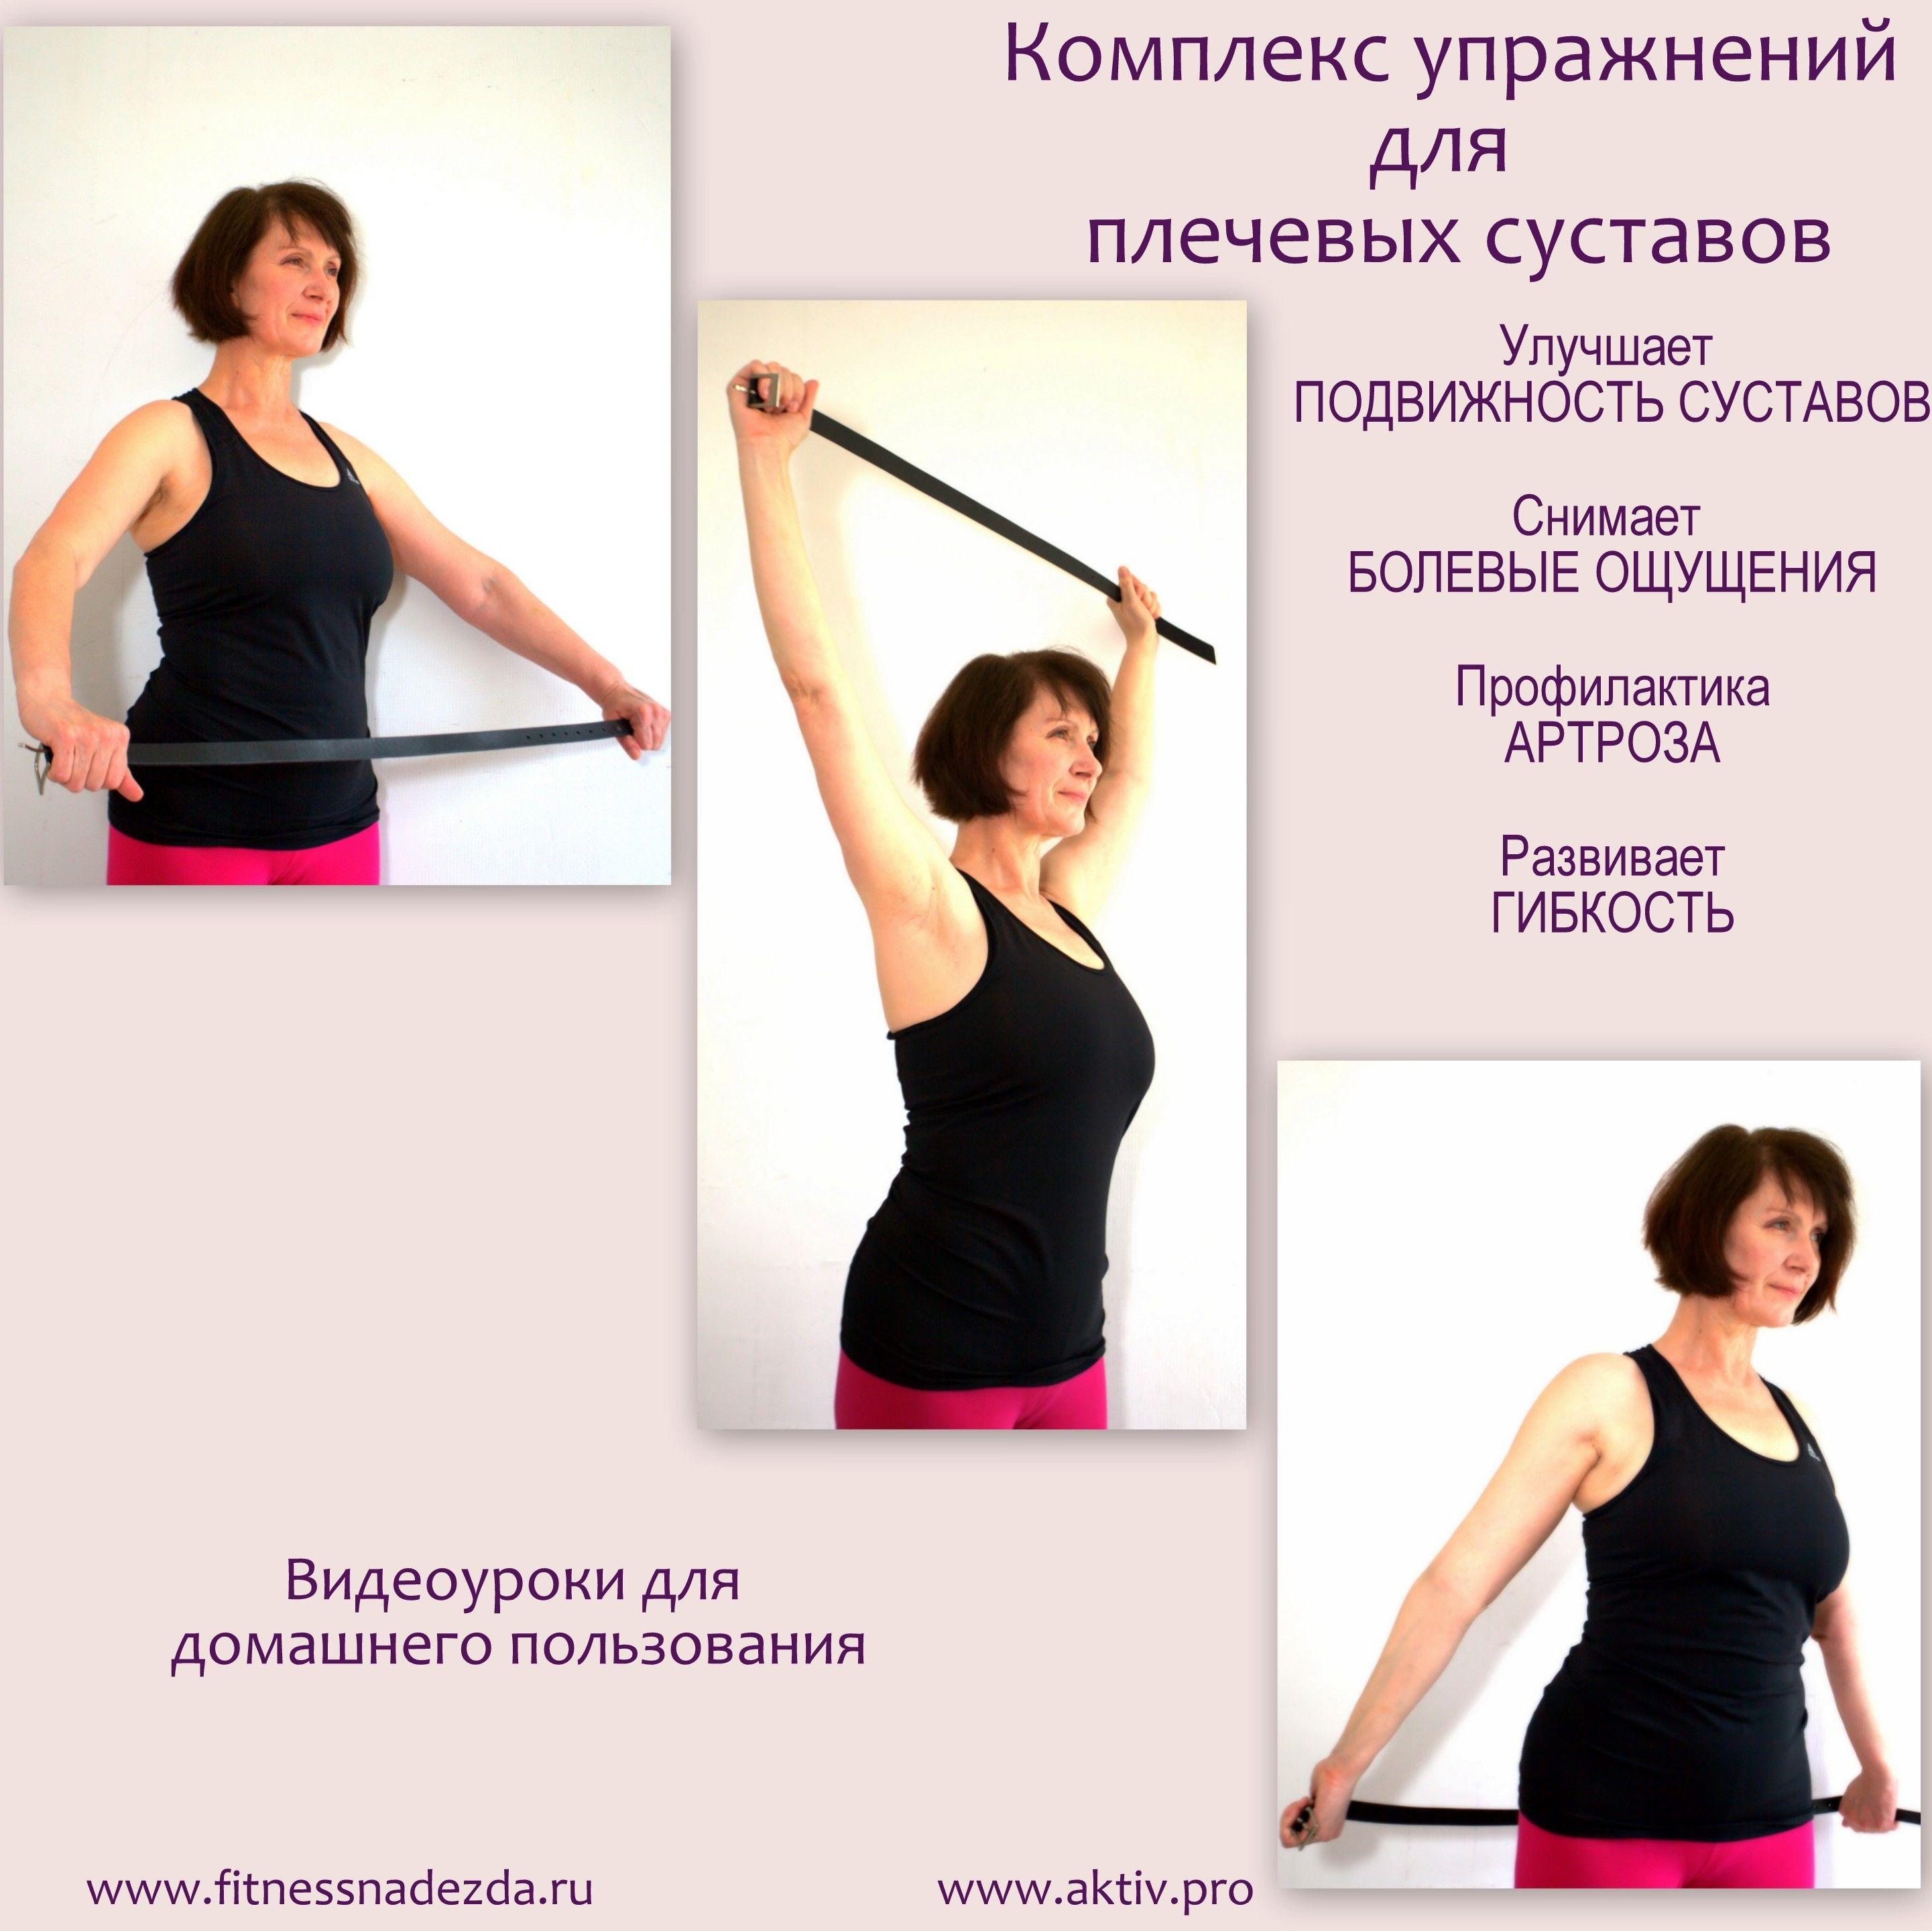 Йога для раскрытия плечевых суставов